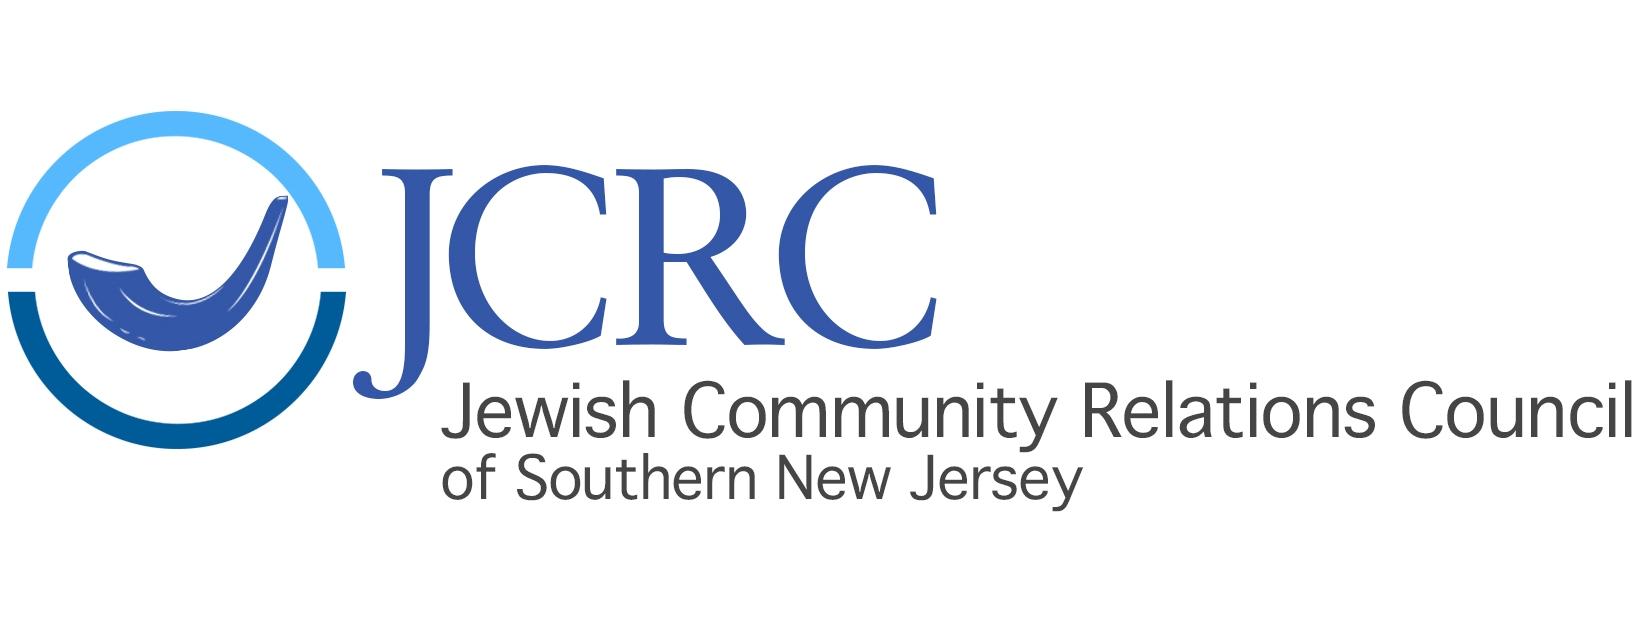 JCRC NEW LOGO 2014